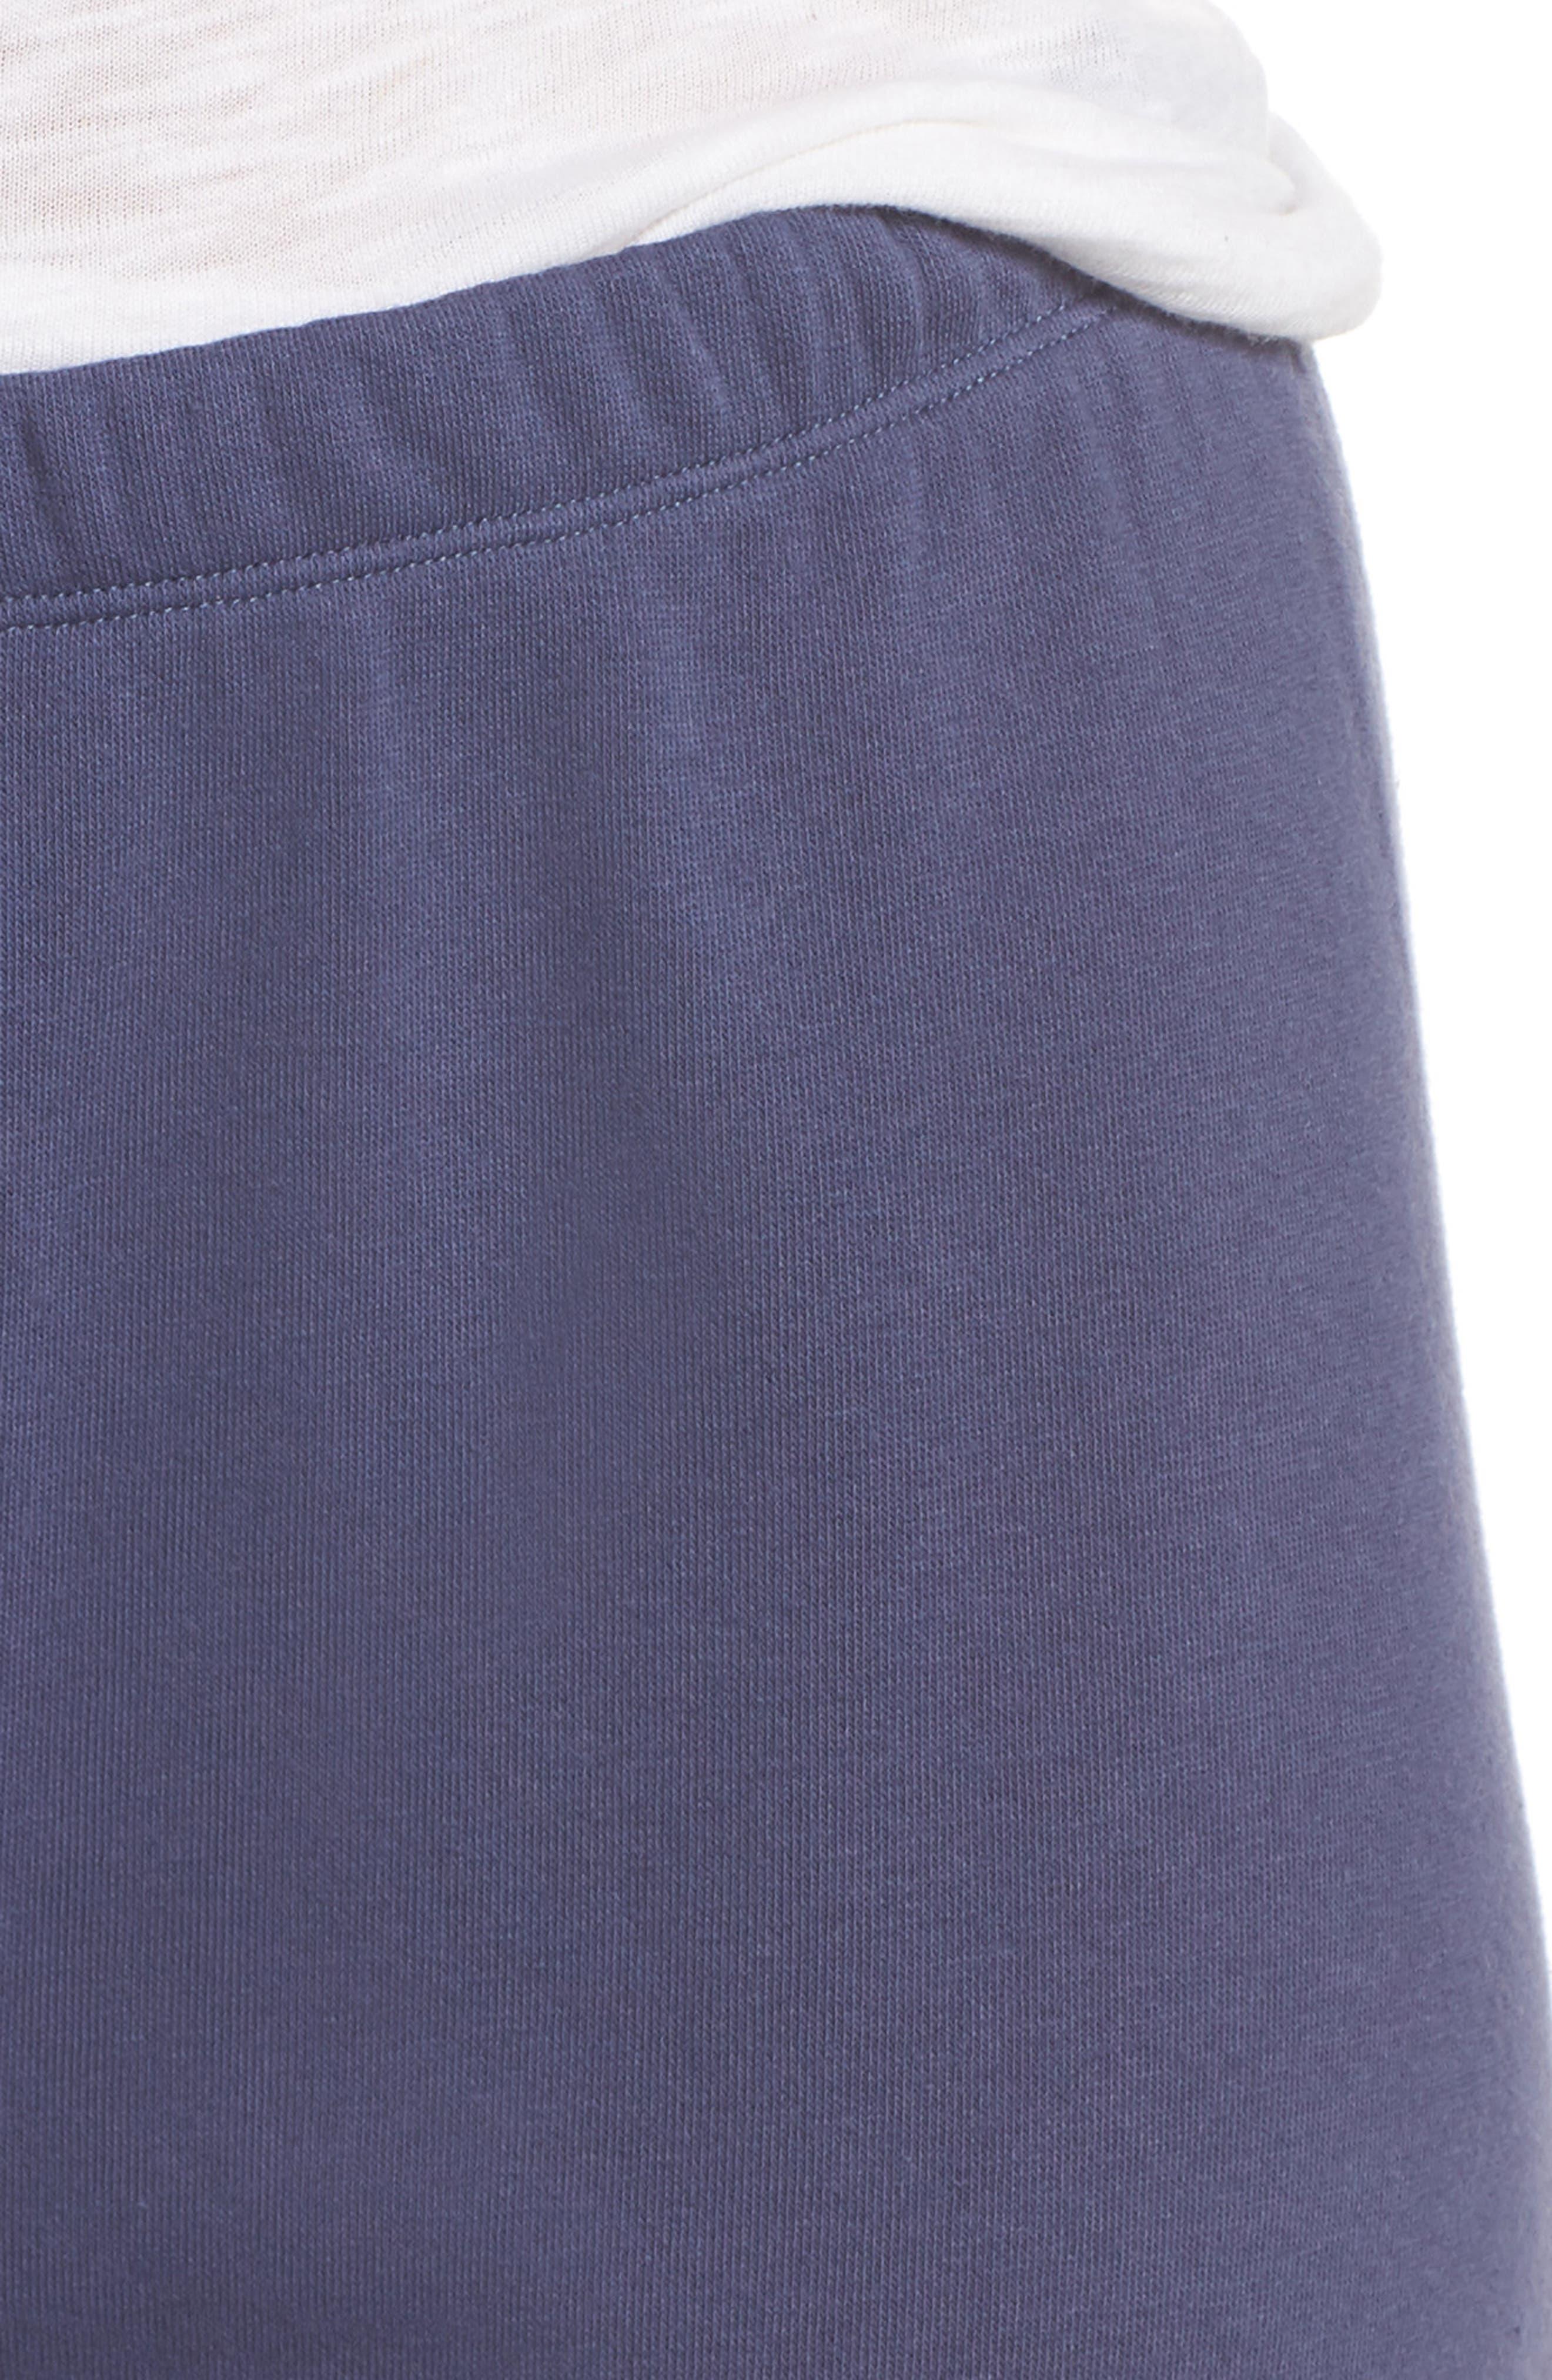 Sleepy High Rise Lounge Jogger Pants,                             Alternate thumbnail 4, color,                             401